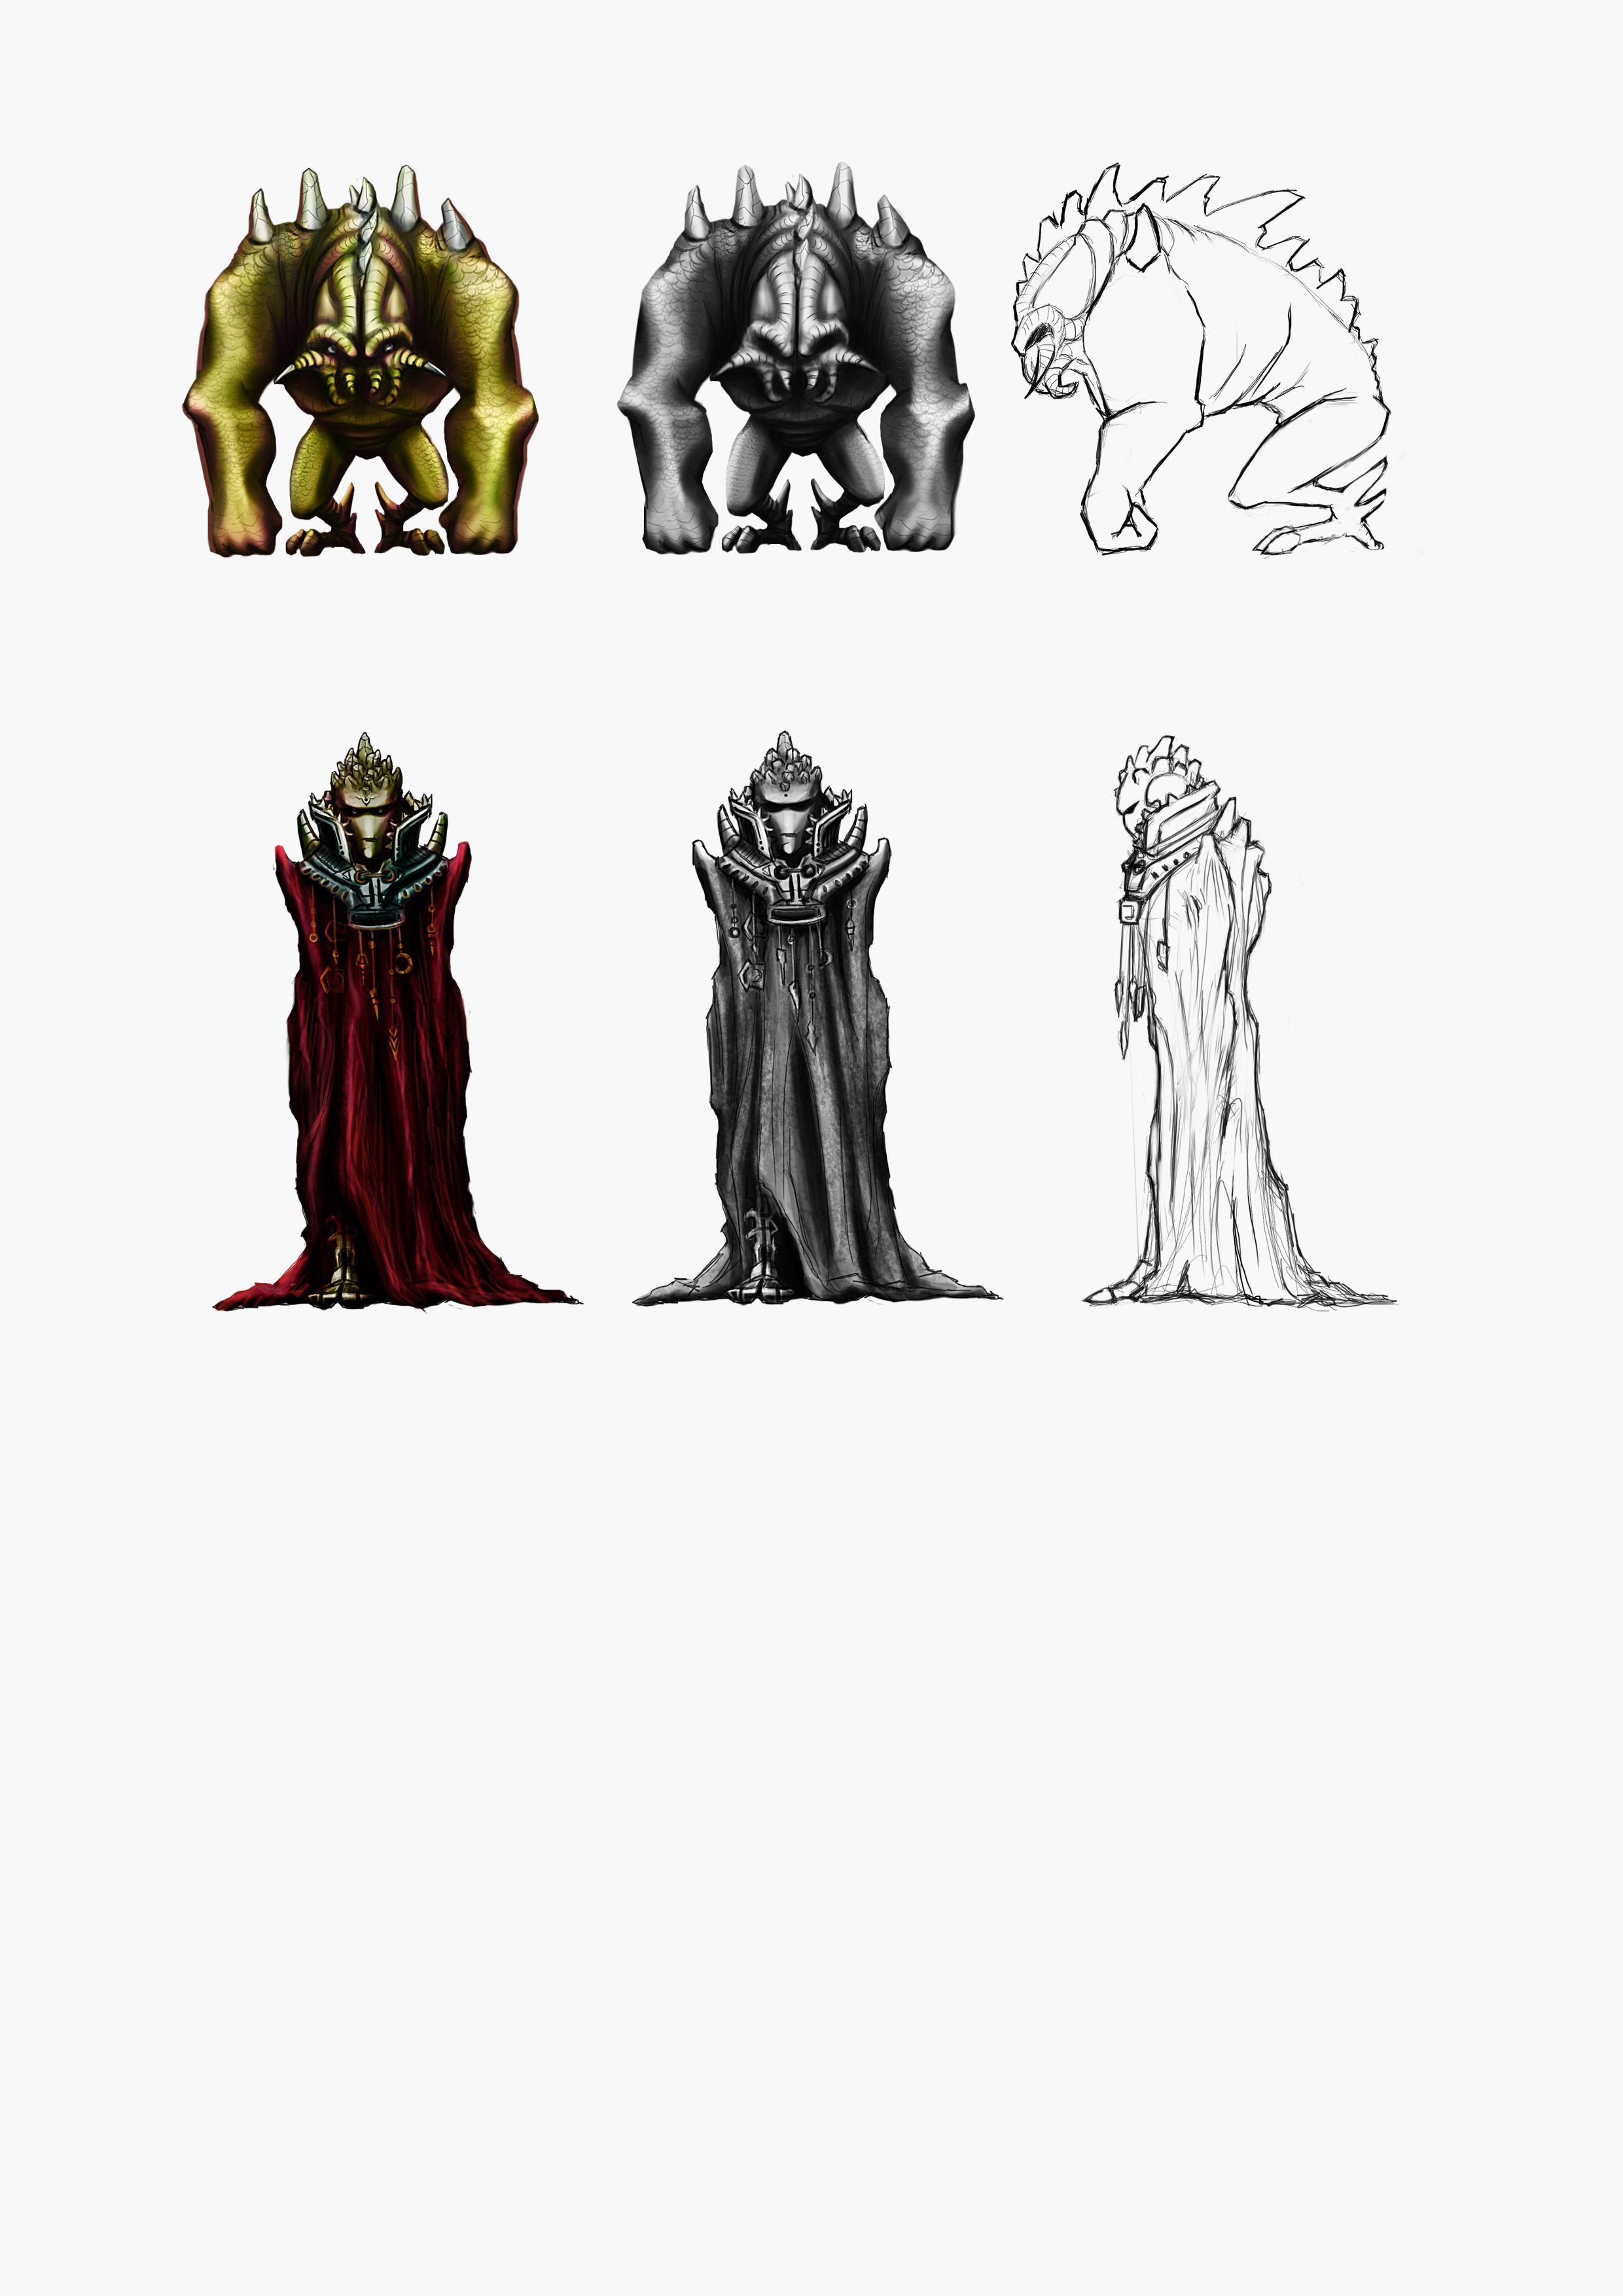 Нужен скетч персонажа для игры - дизайнер qwerty_1